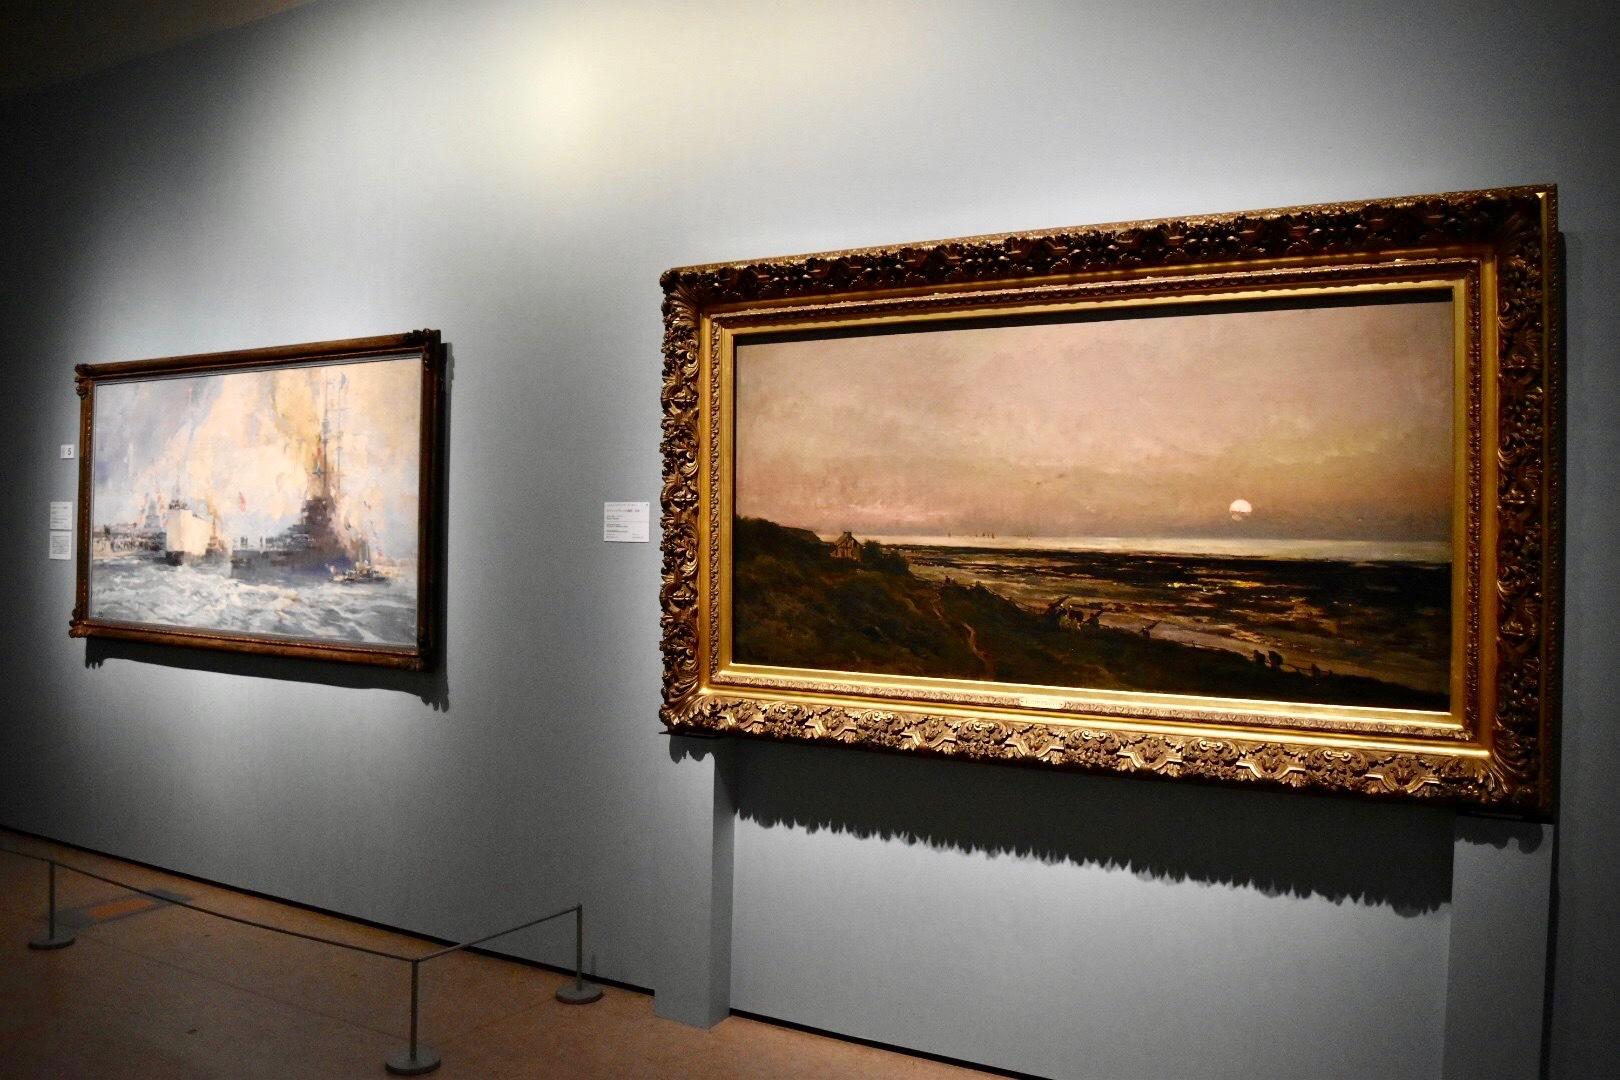 右:シャルル=フランソワ・ドービニー 《ヴィレールヴィルの海岸、日没》 1870年 株式会社三井住友銀行蔵、左奥:ウジェーヌ=ルイ・ジロー 《裕仁殿下のル・アーヴル港到着》 1921-1922年 国立西洋美術館蔵